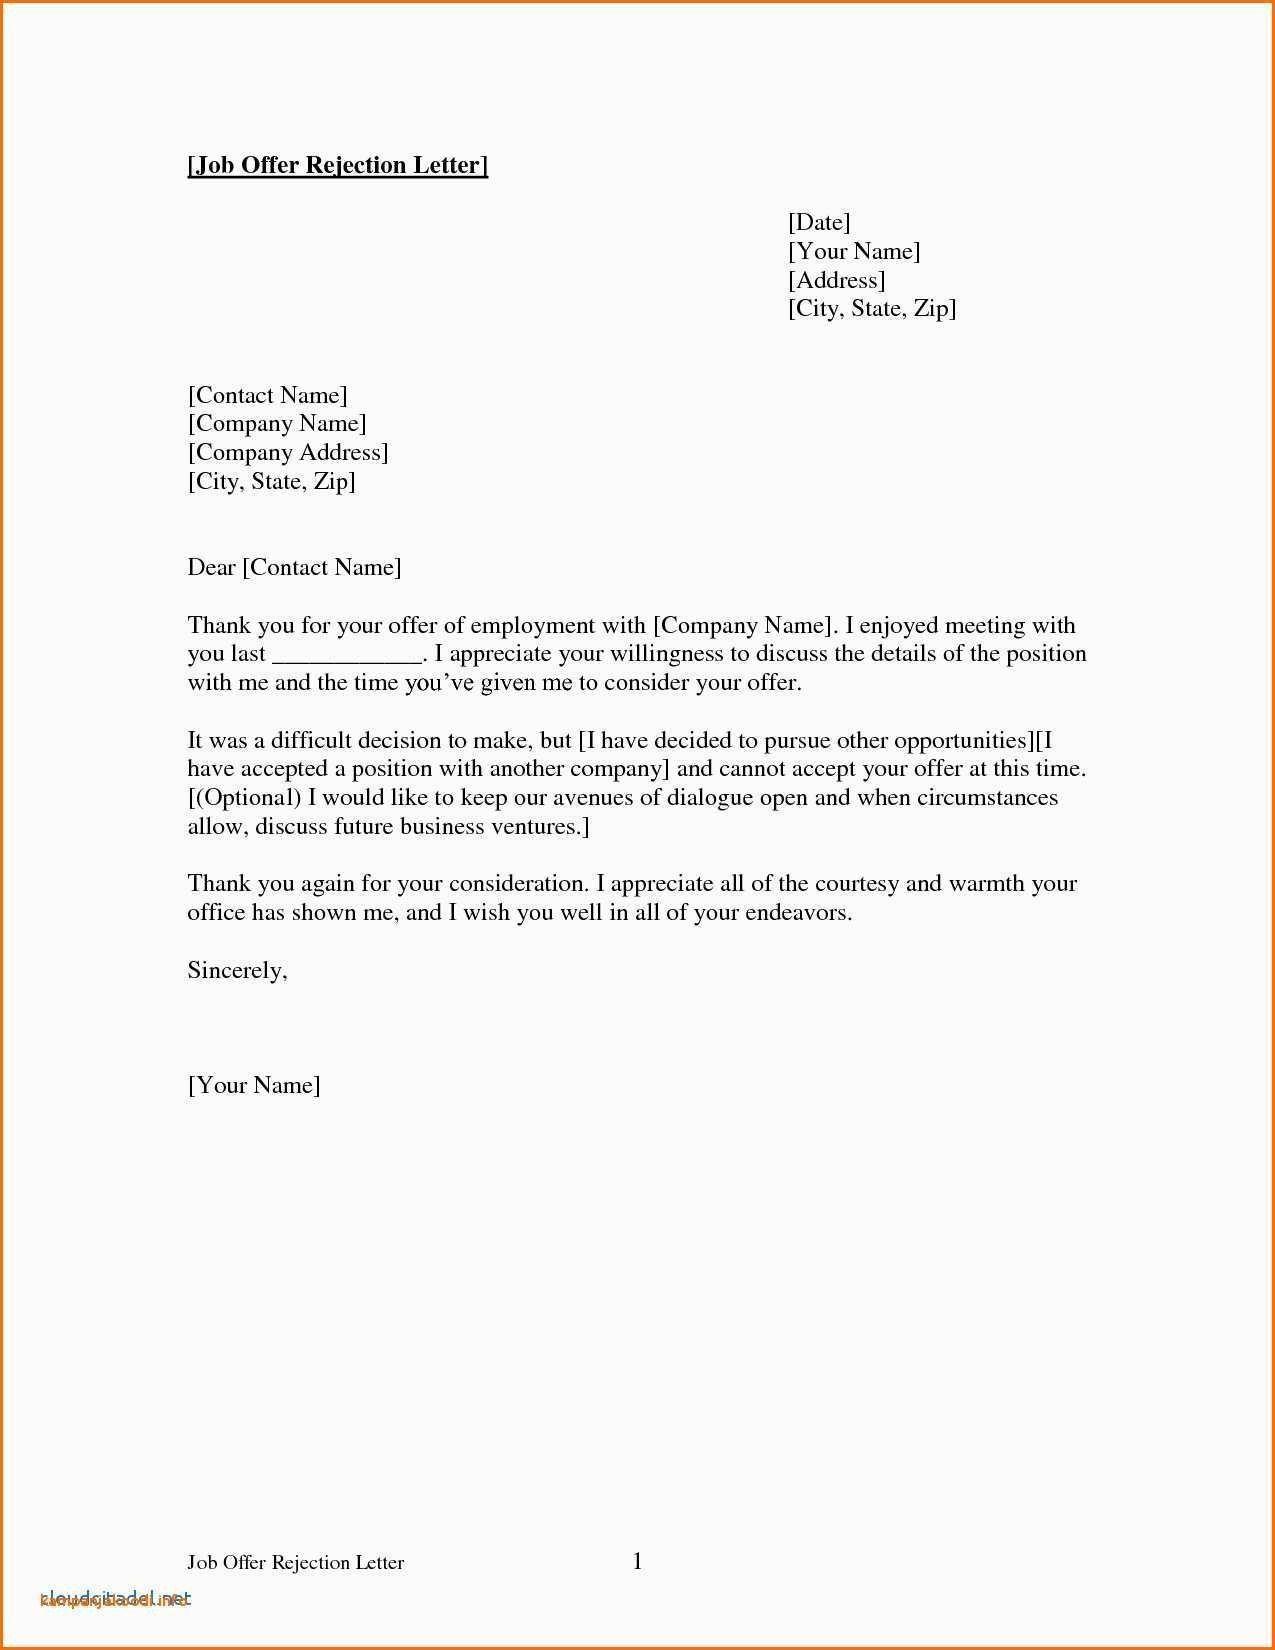 Download Best Of Job Offer Sample Letter Template Lettersample